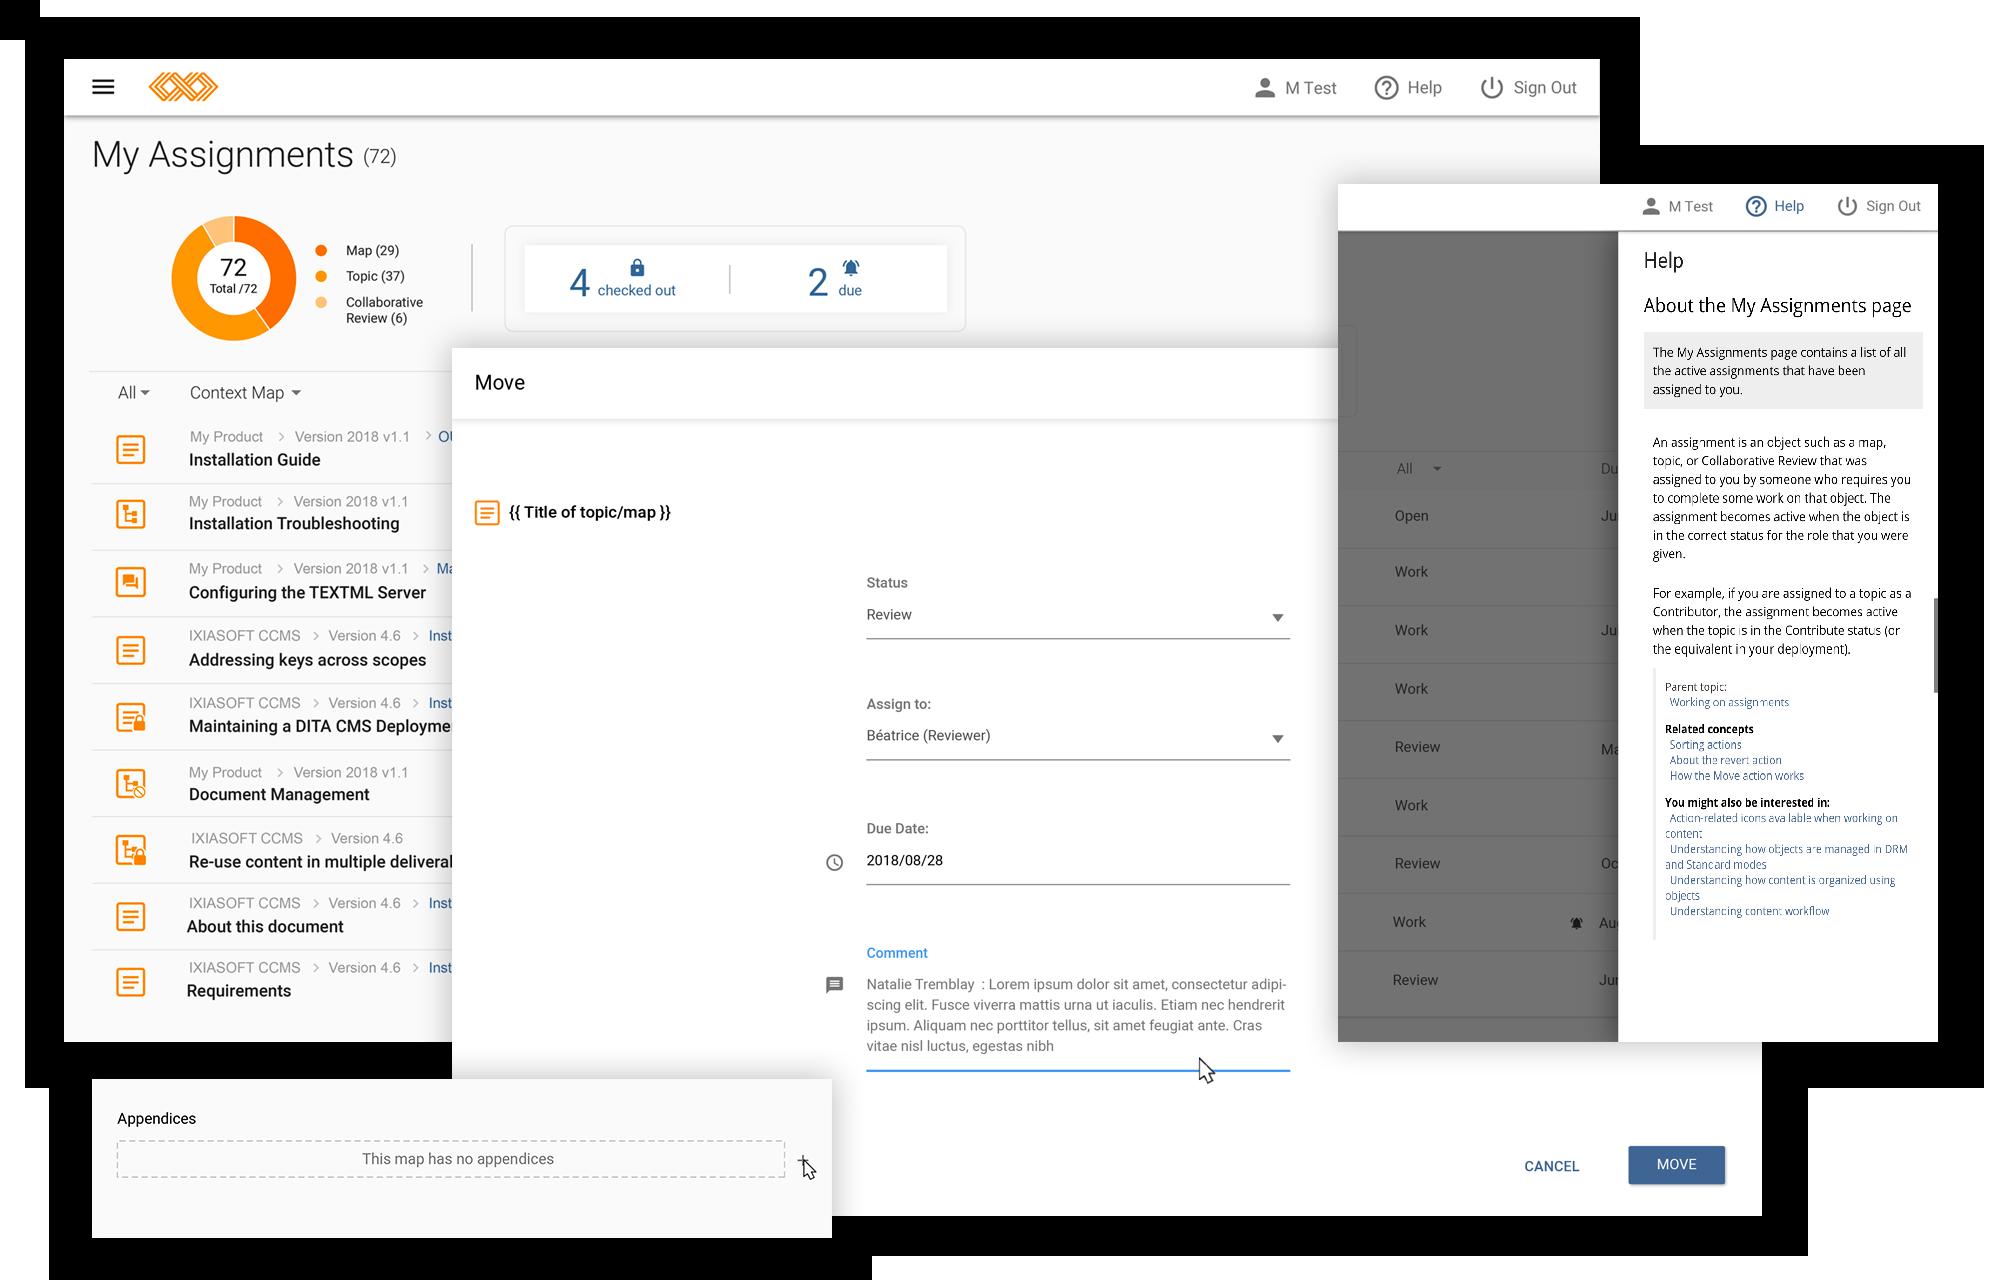 Multiple screenshots of IXIASOFT CCMS 5.1.